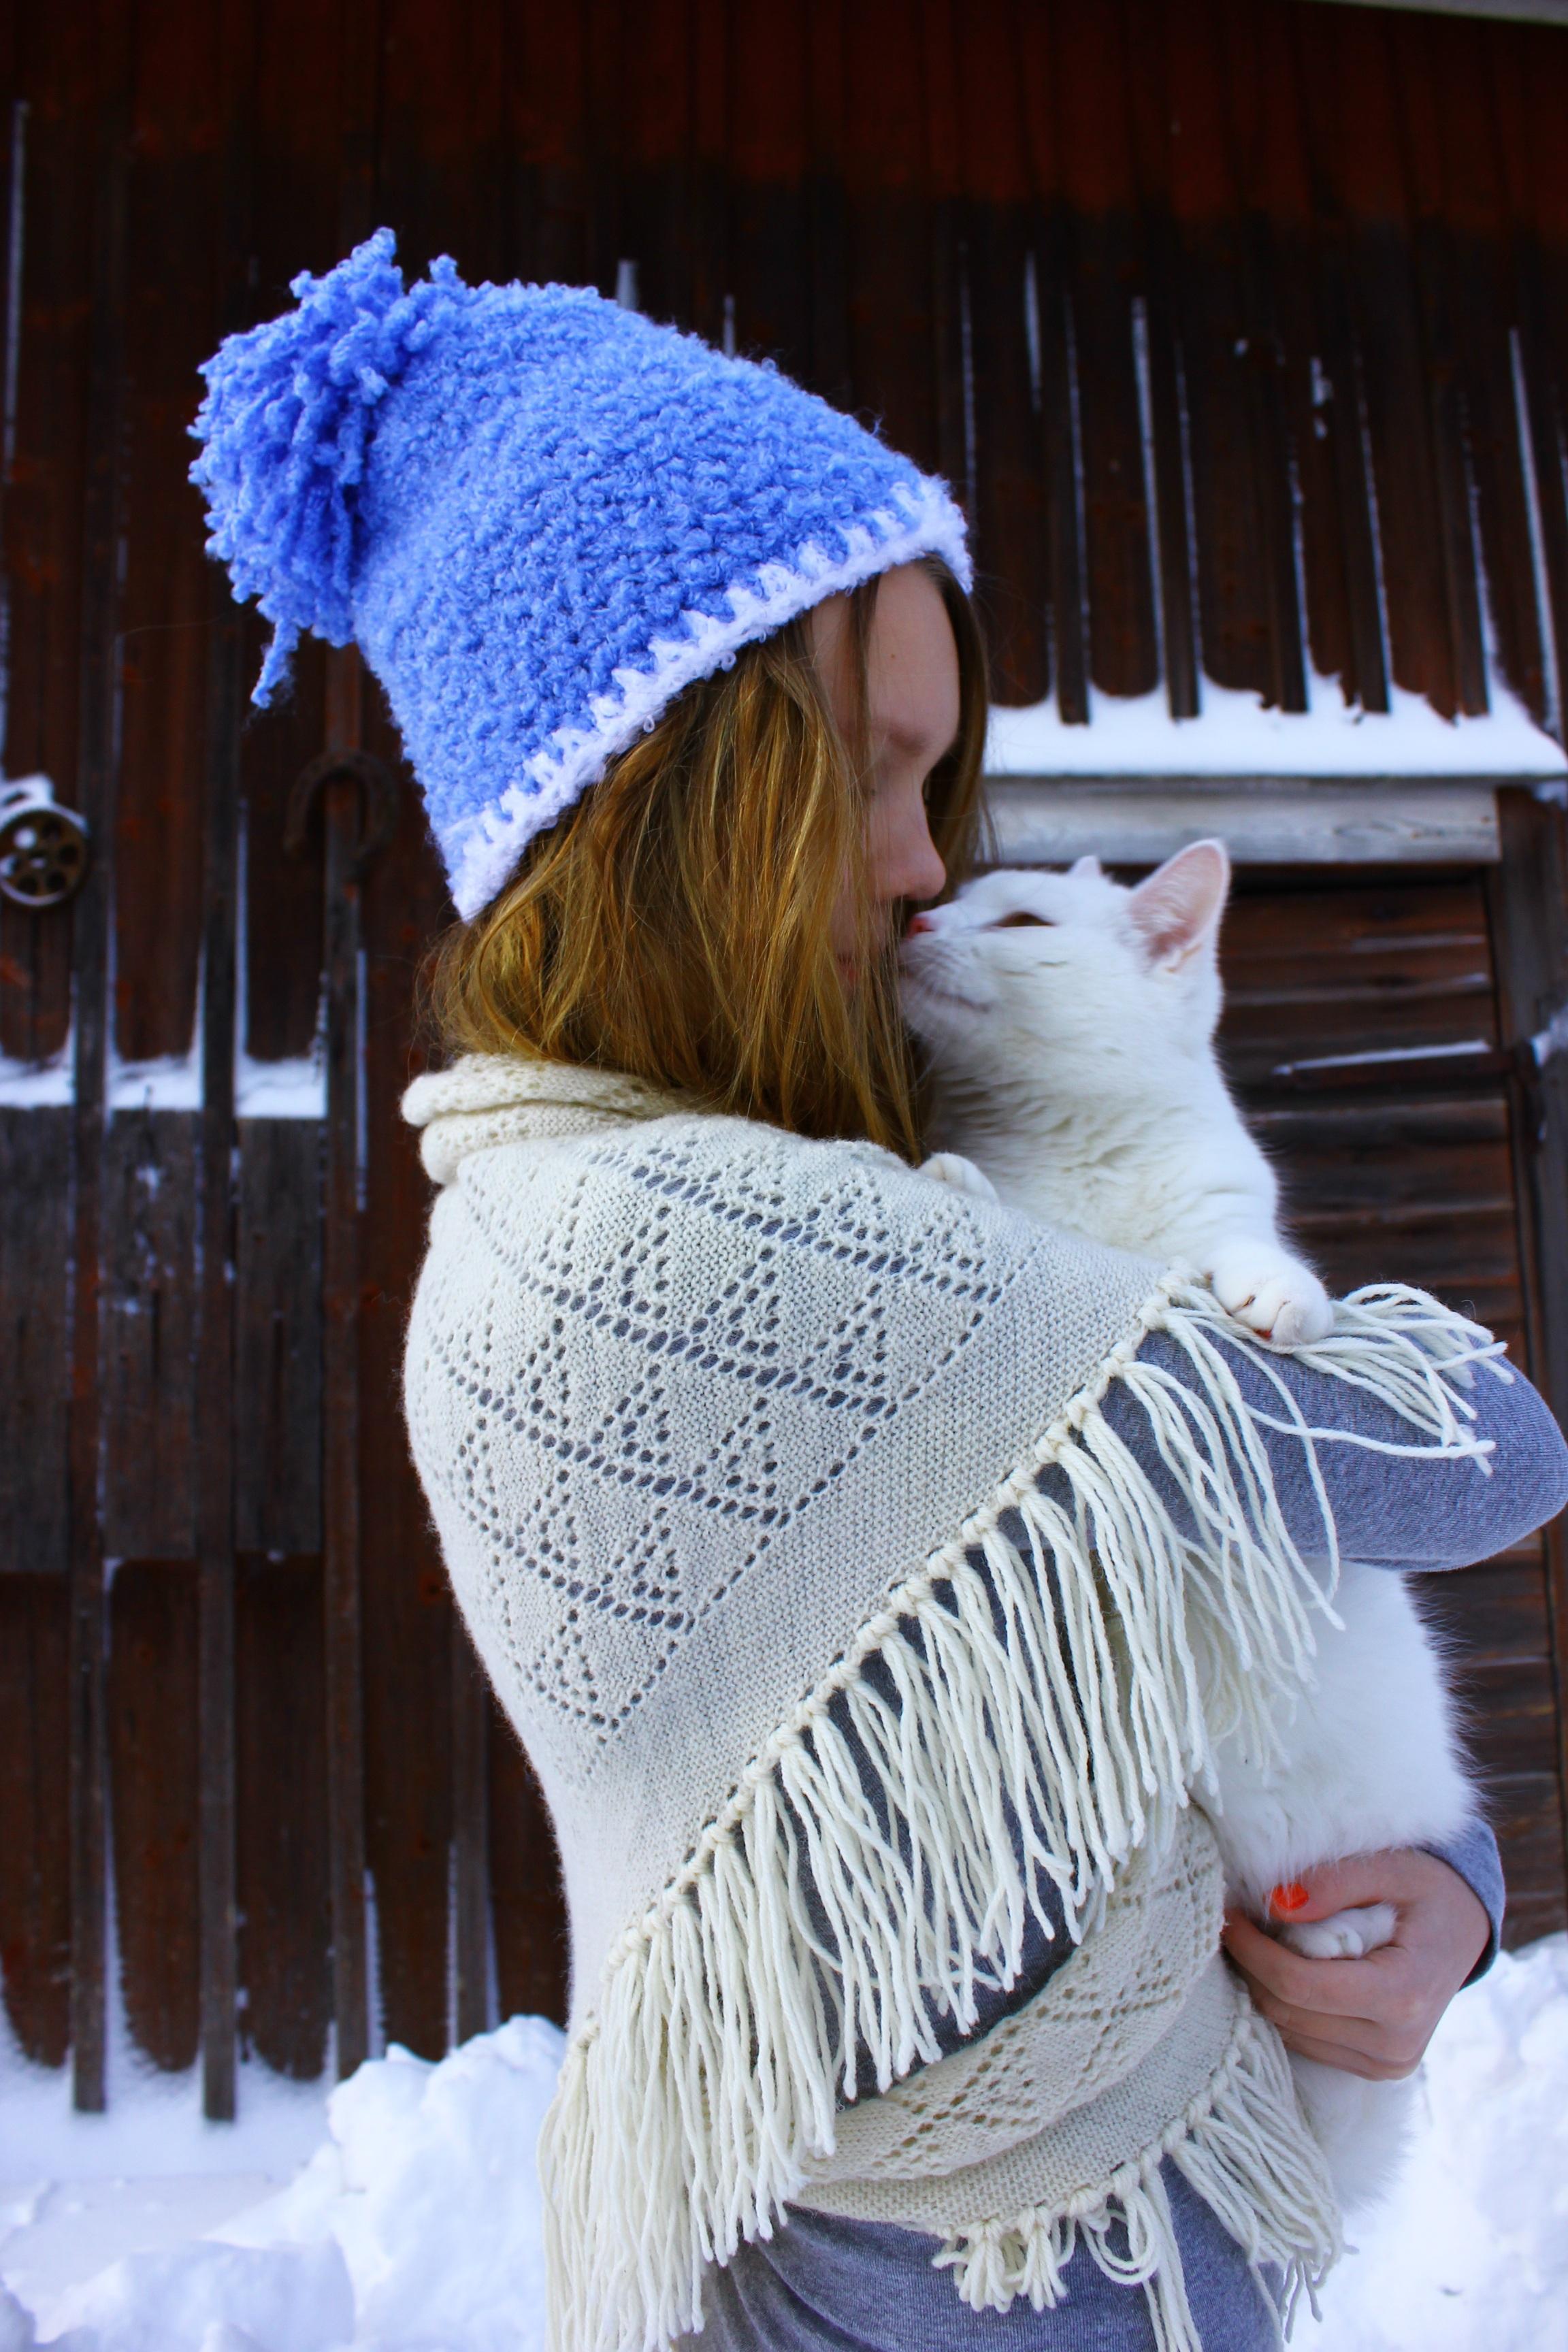 Kostenlose foto : Mann, Schnee, Winter, Mädchen, Weiß, süß, Haustier ...